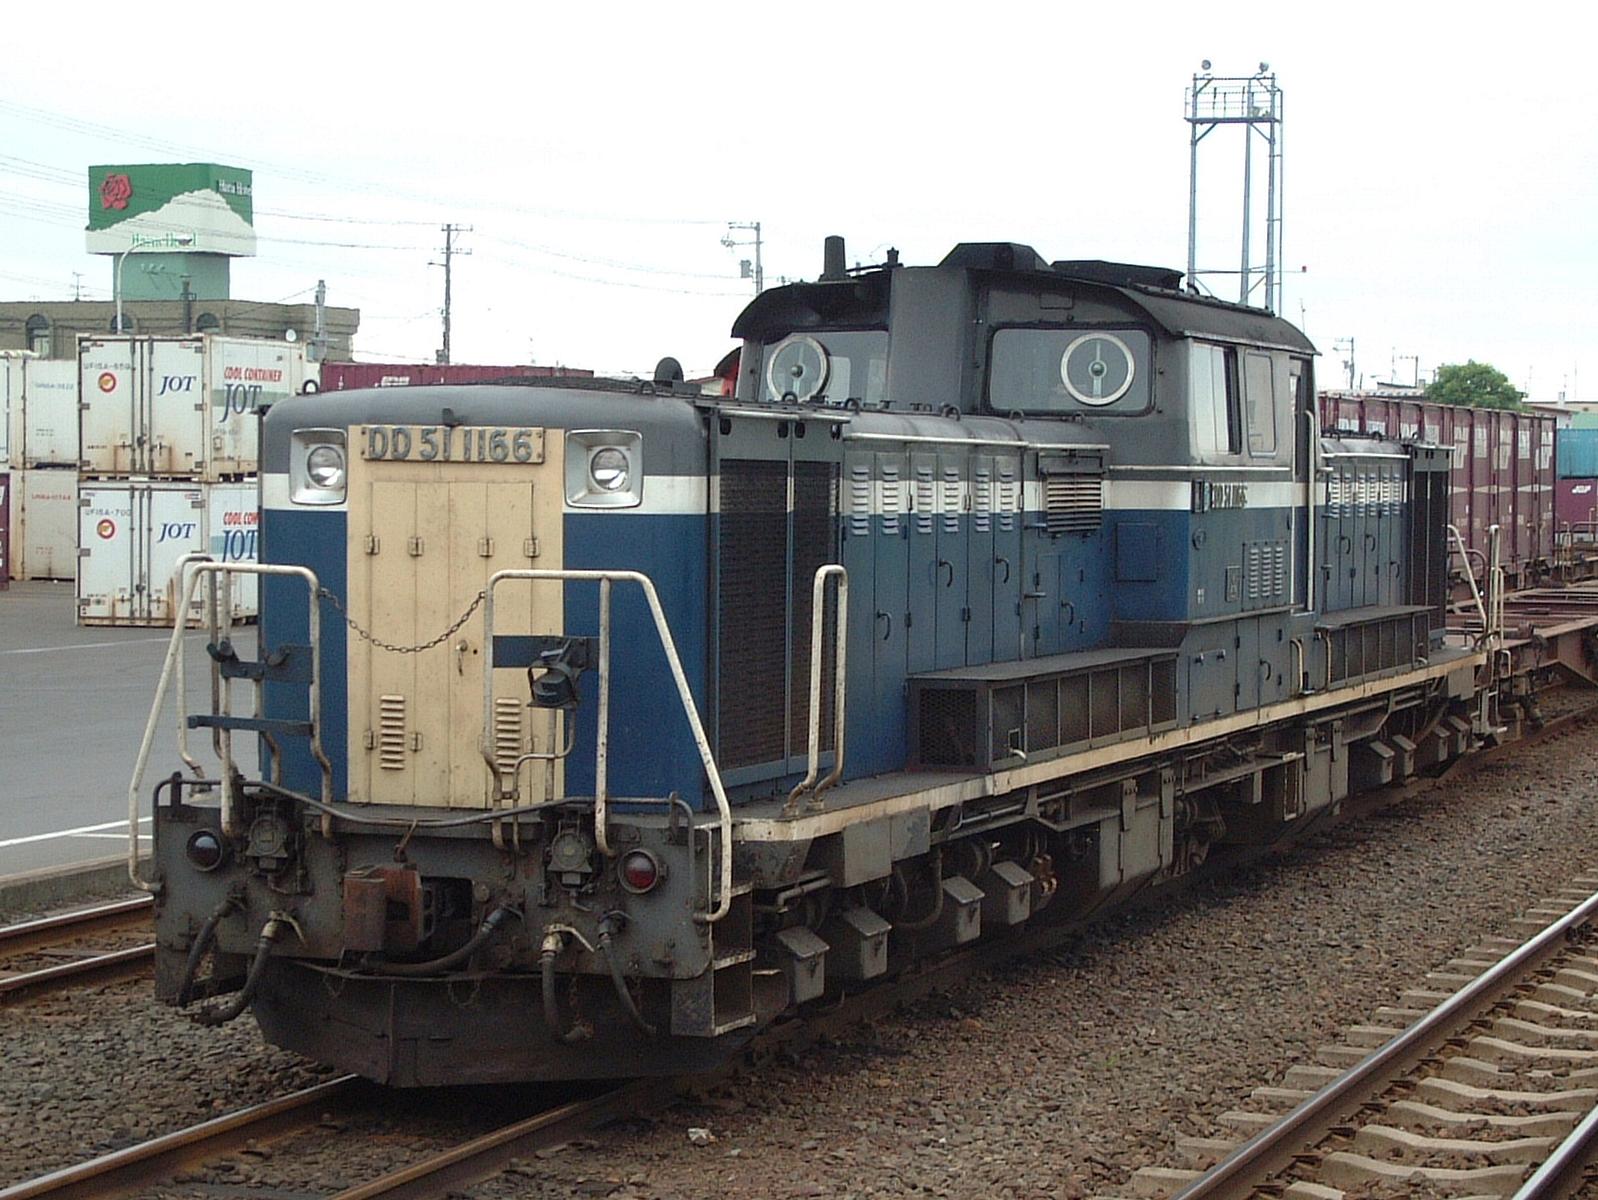 File:JRF-DD51 1166.jpg